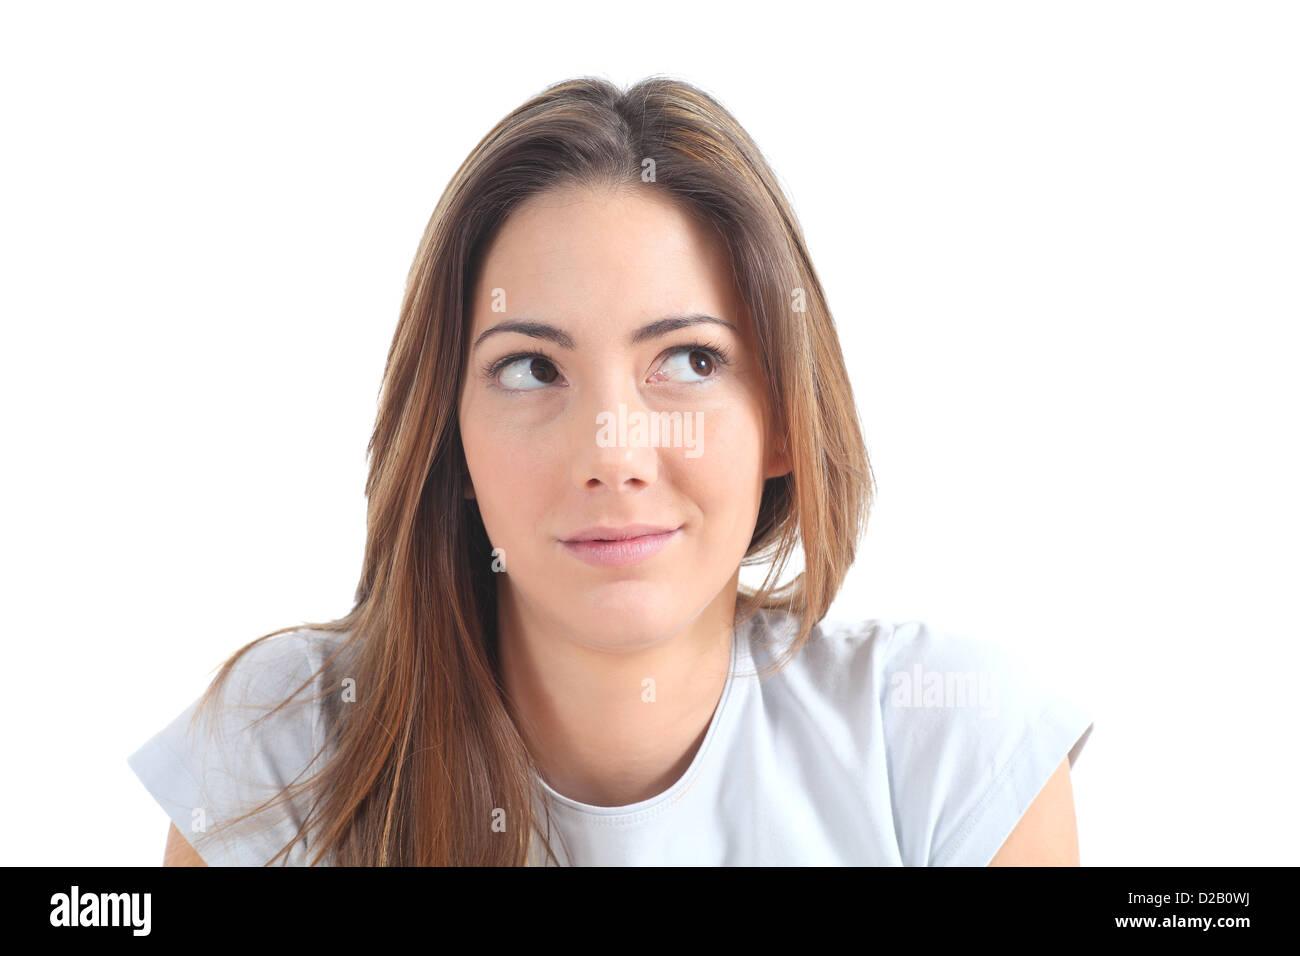 Frau denken mit ihren Augen Blick auf Seite auf einem weißen Hintergrund isoliert Stockbild